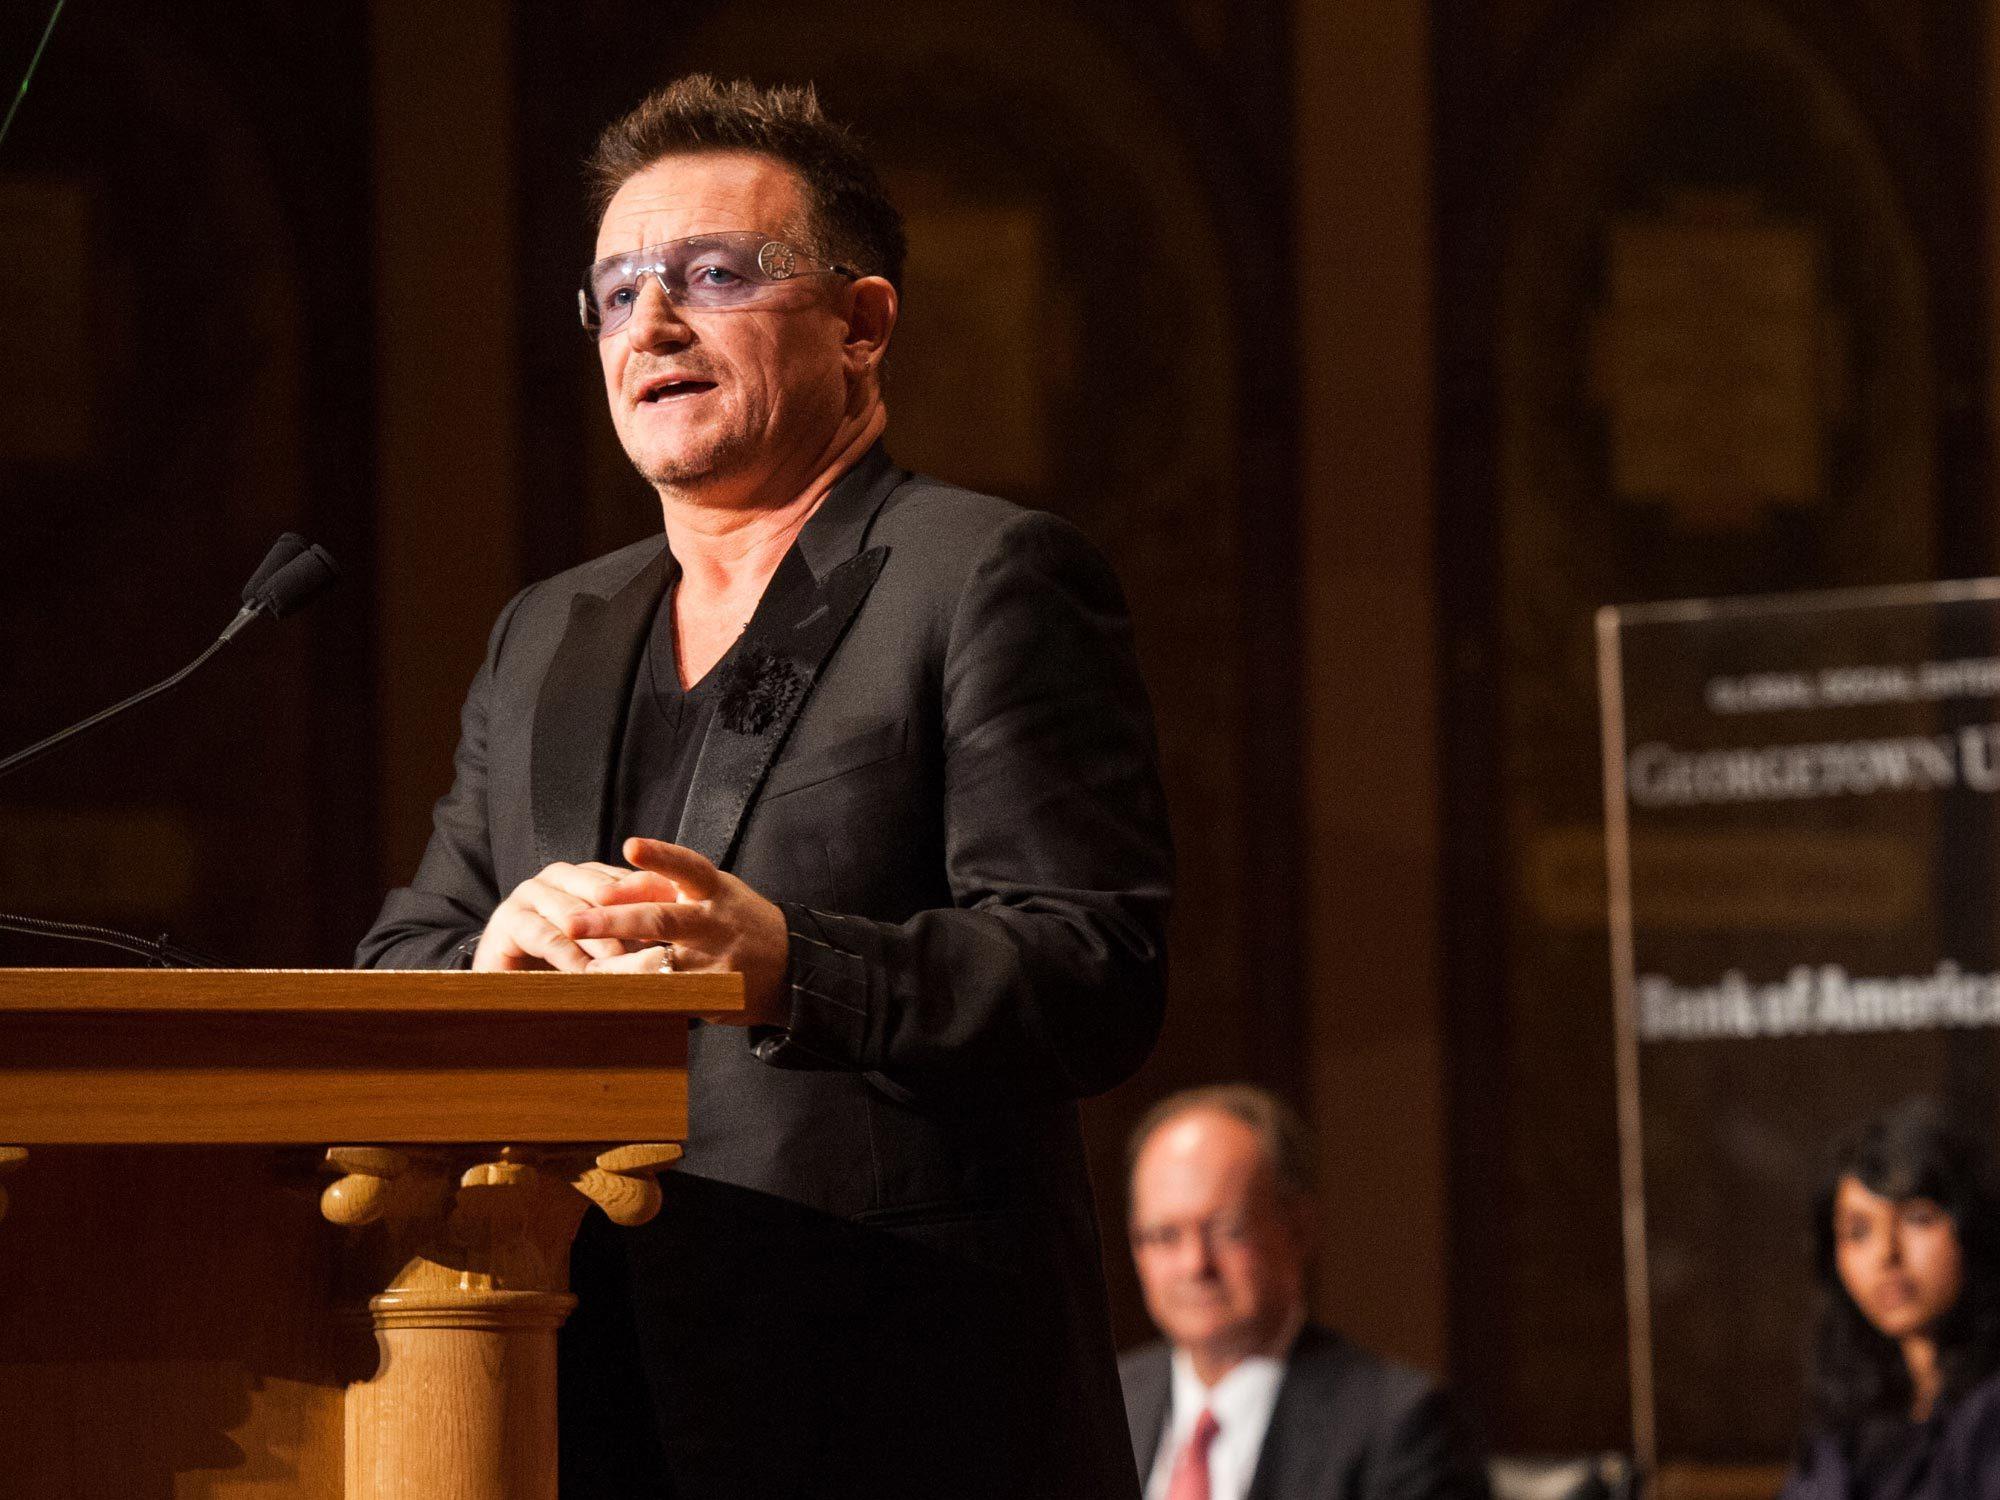 Bono speaks at Georgetown